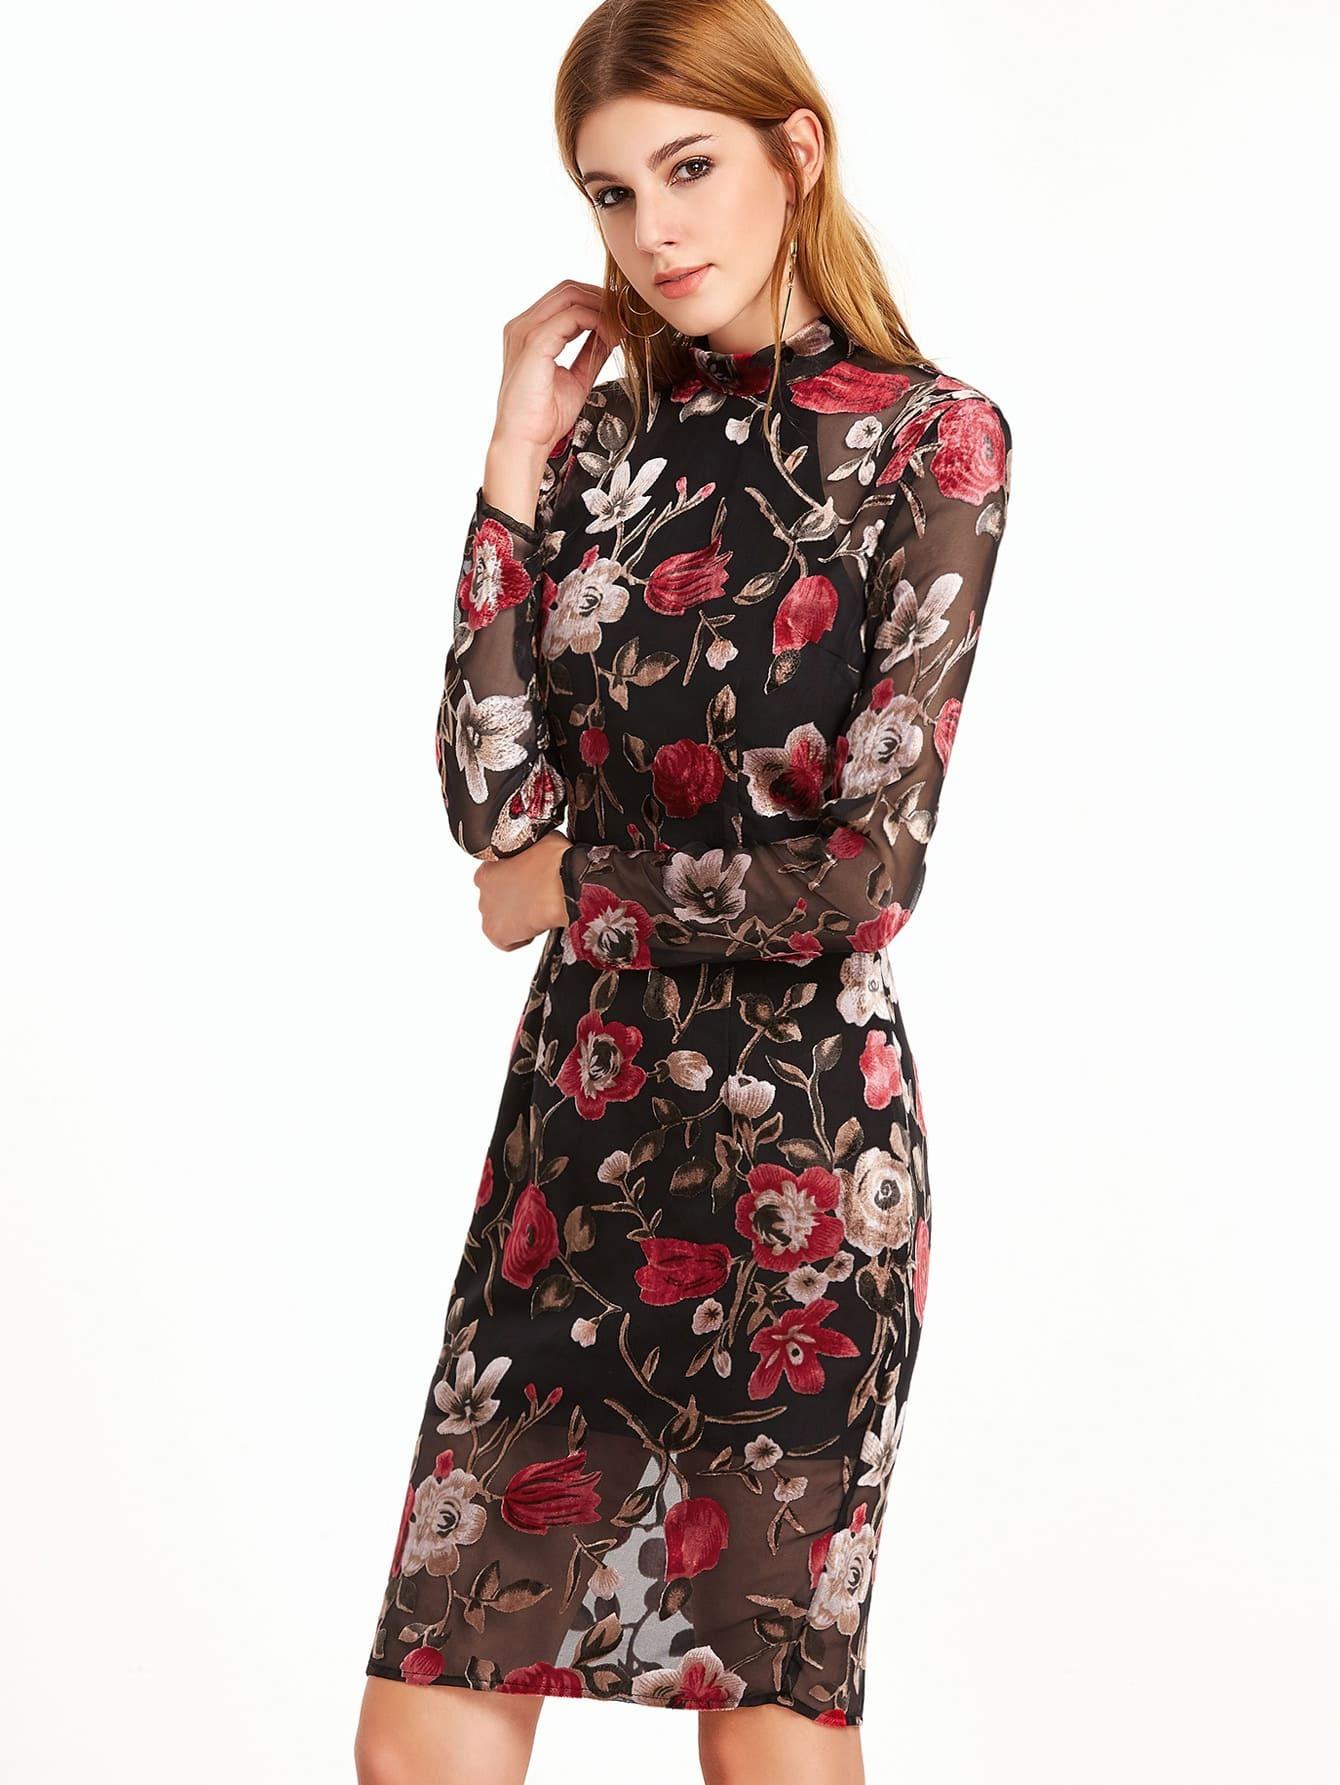 dress161124715_2